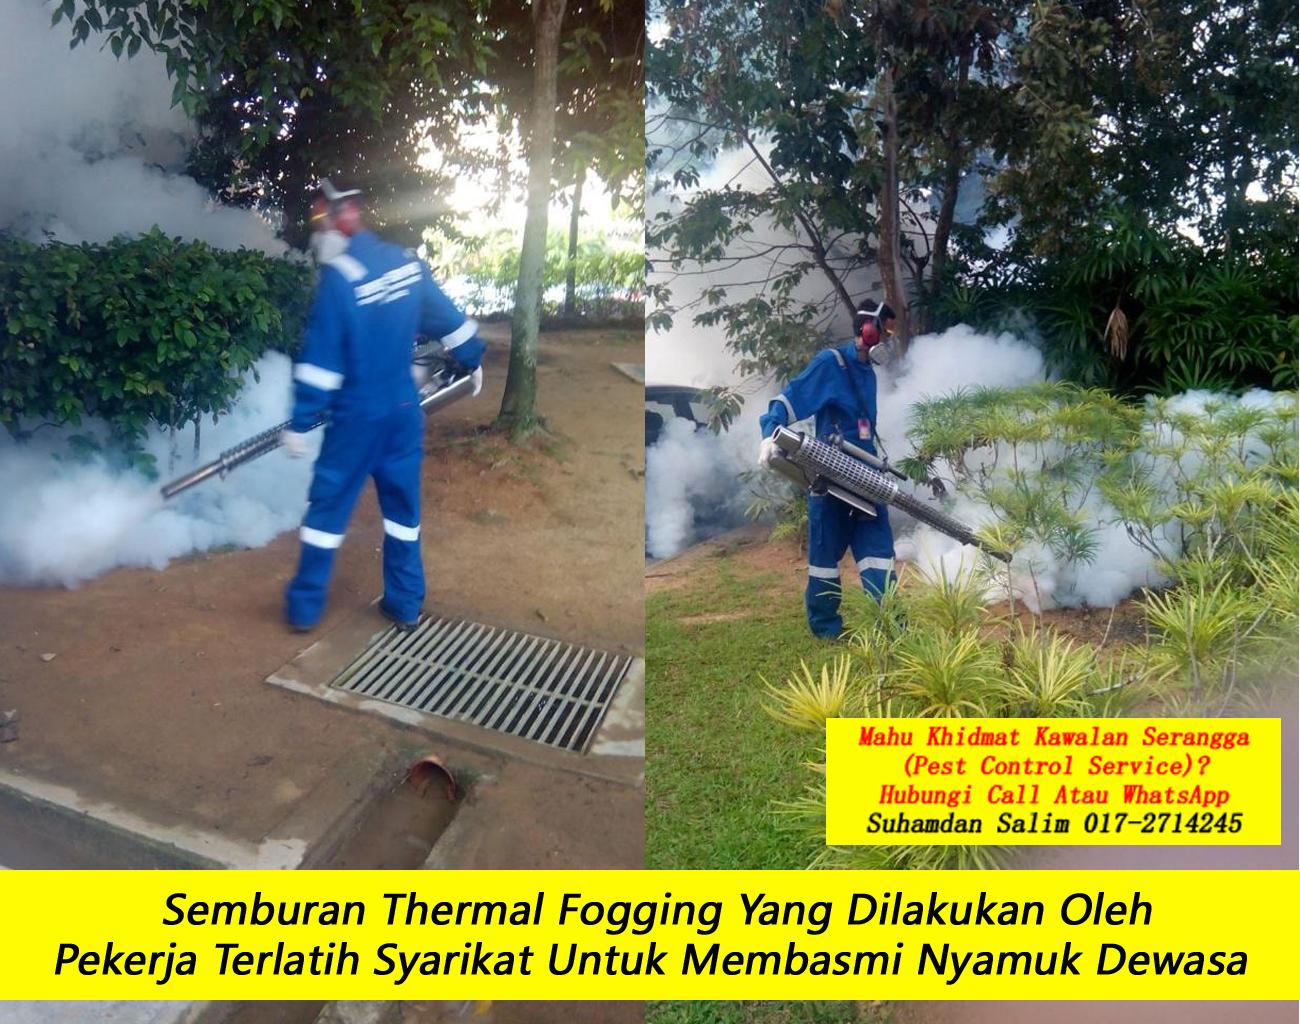 khidmat kawalan semburan nyamuk fogging larvaciding oleh syarikat kawalan serangga company pest control Kampung Baru kl felda perumahan kawasan perindustrian near me